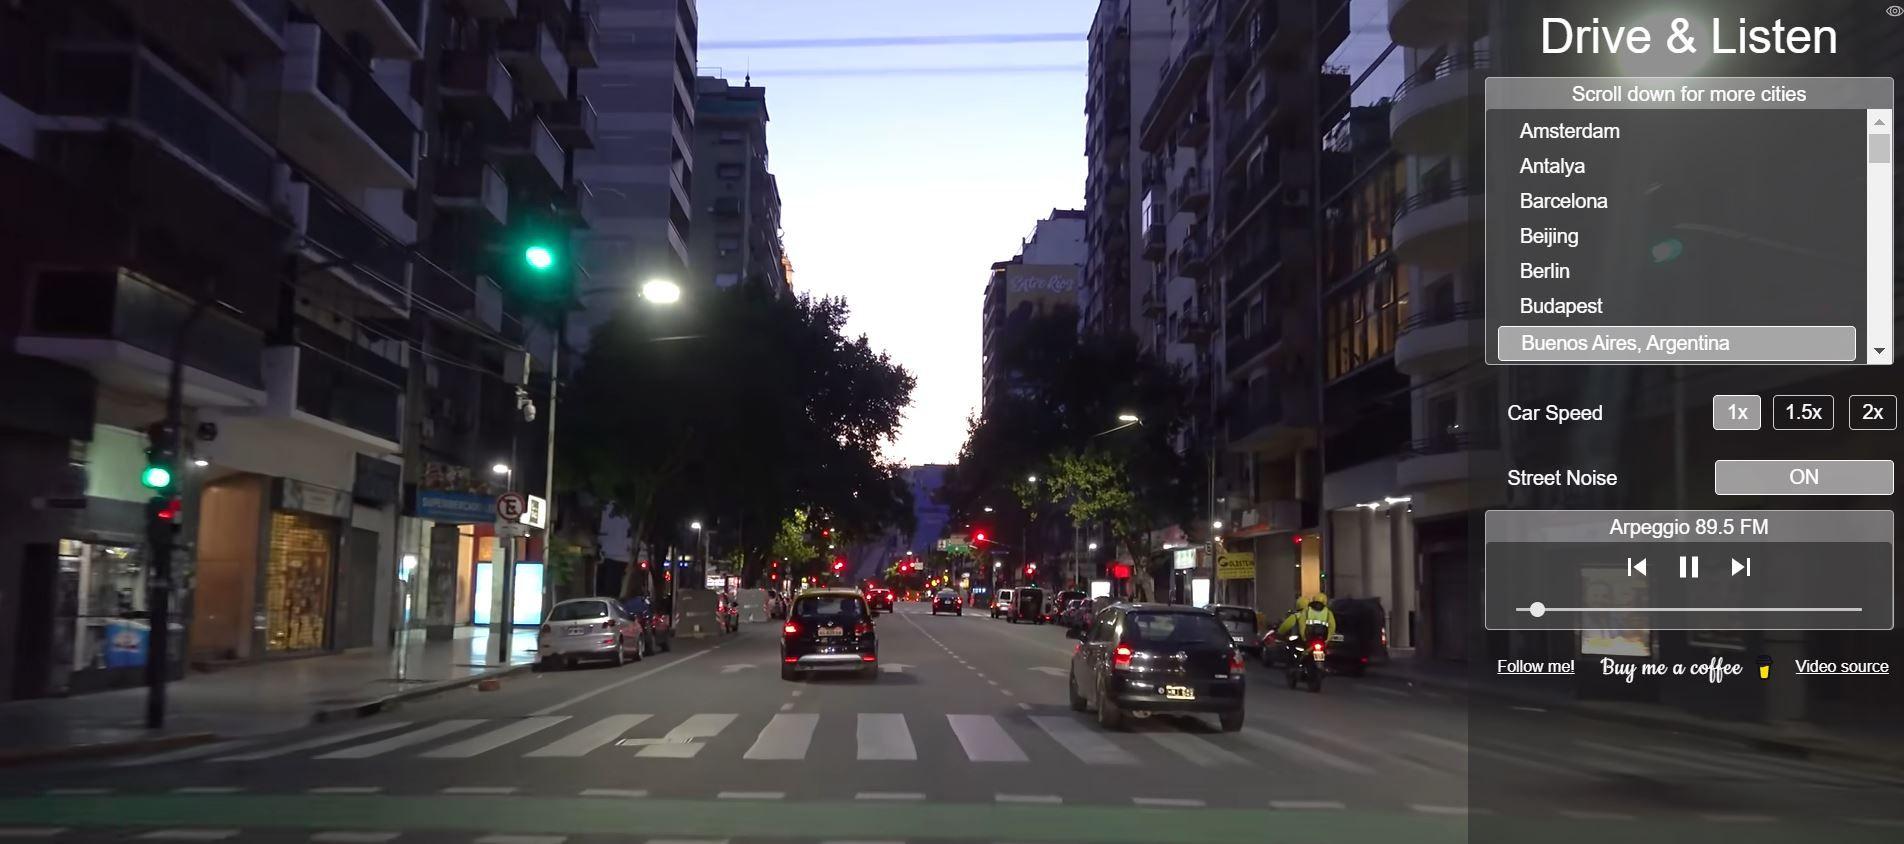 Στιγμιότυπο από την εφαρμογή Drive and Listen που δείχνει μια πόλη το βράδυ